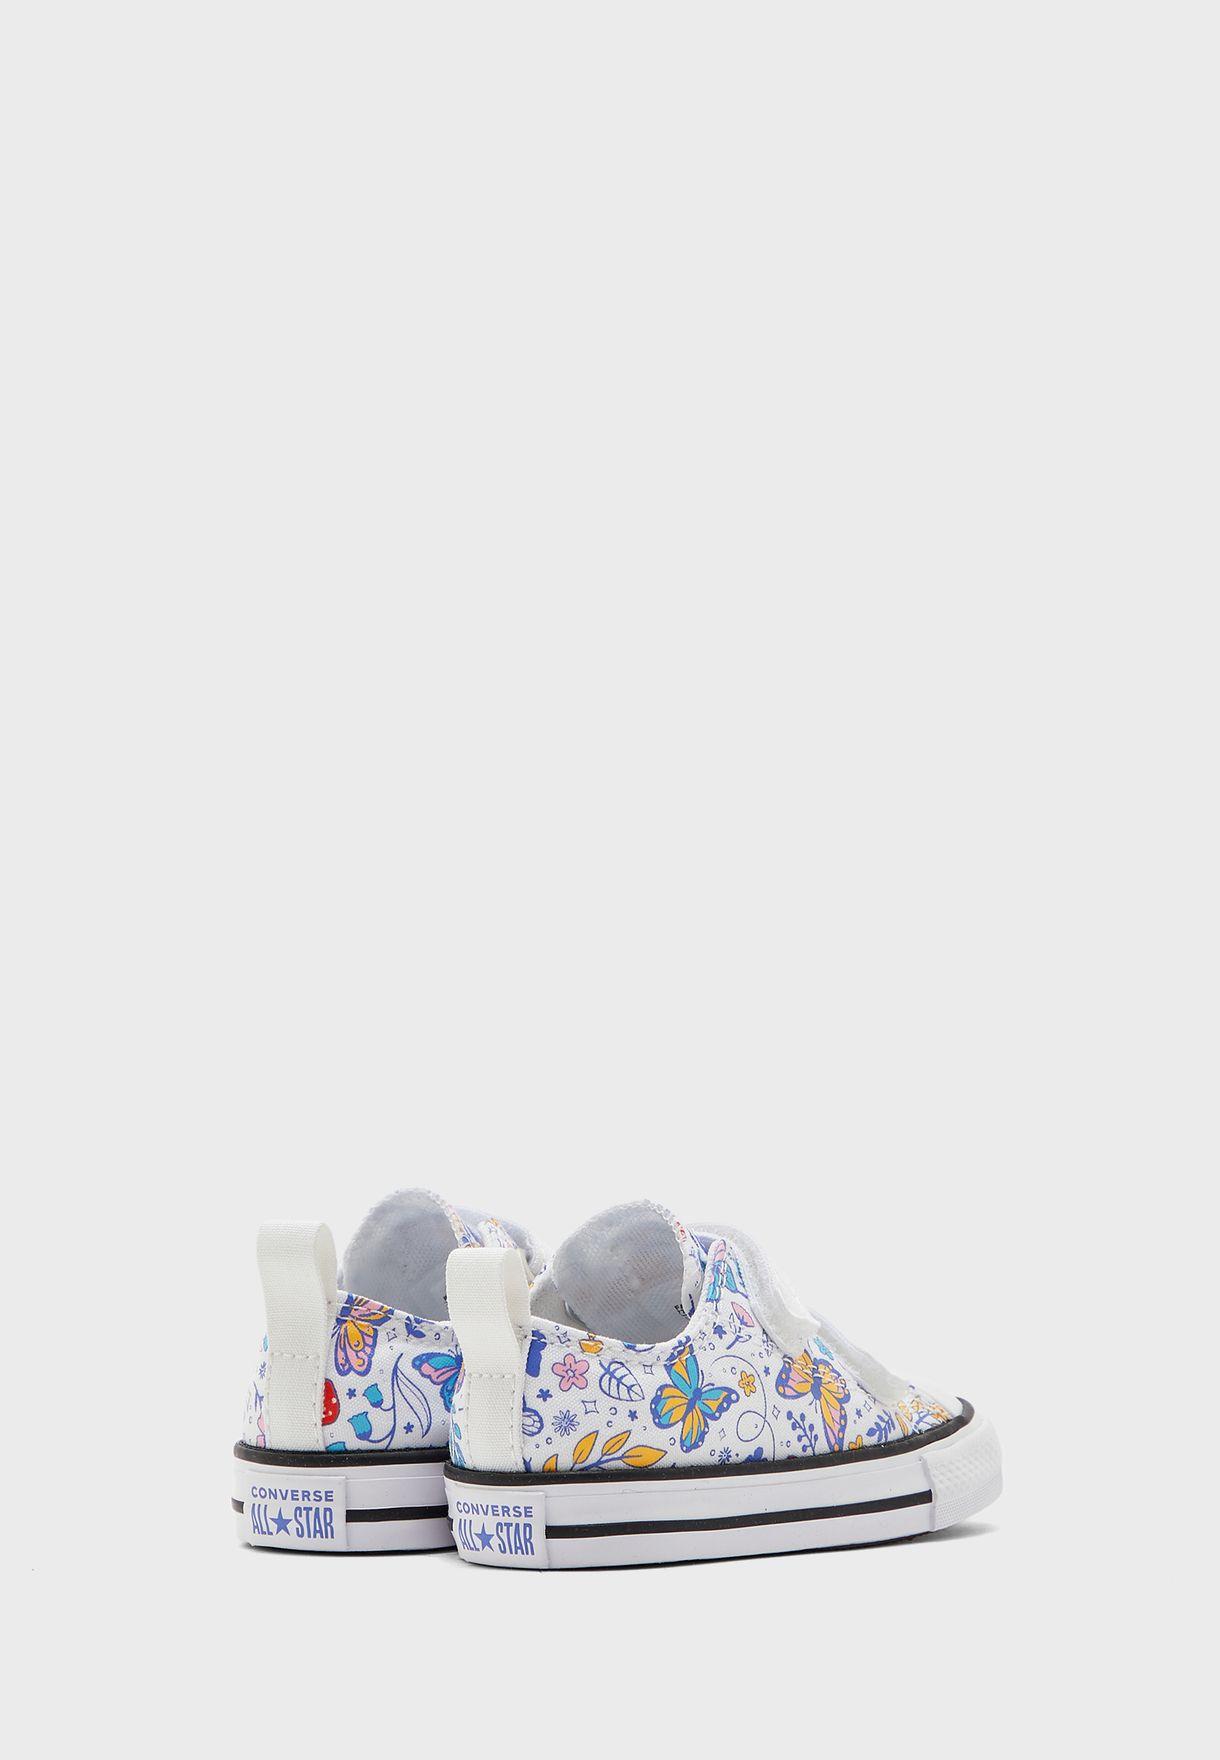 حذاء تشاك تايلور اول ستار 2 في